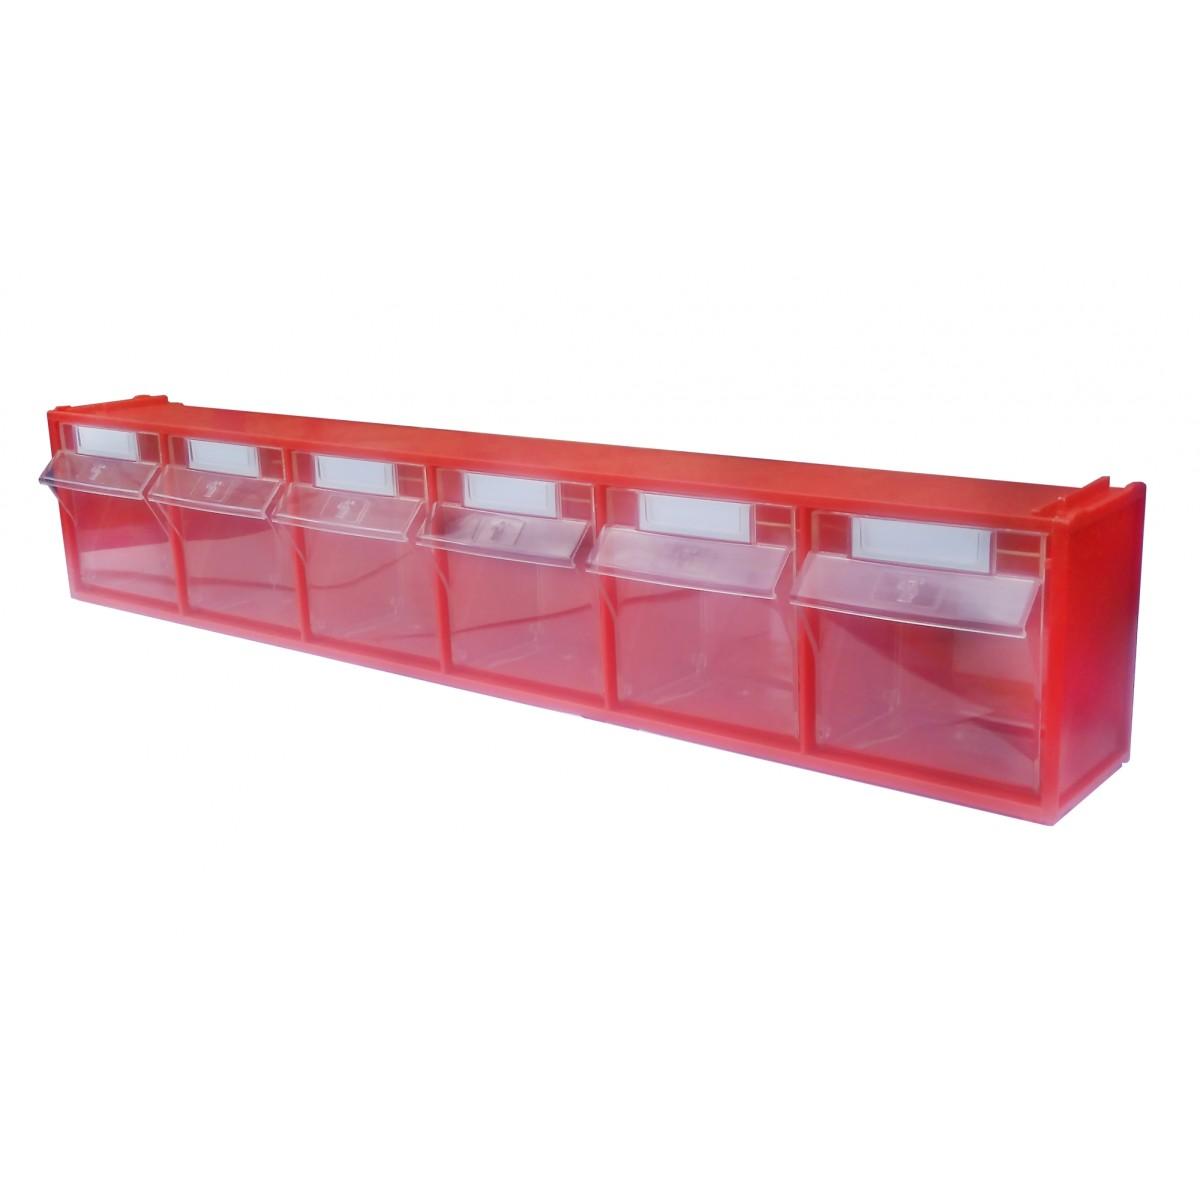 Короб откидной Стелла-техник СТЕЛЛА-102 (600 х 96 х 112h) 6 ячеек красный / прозрачный